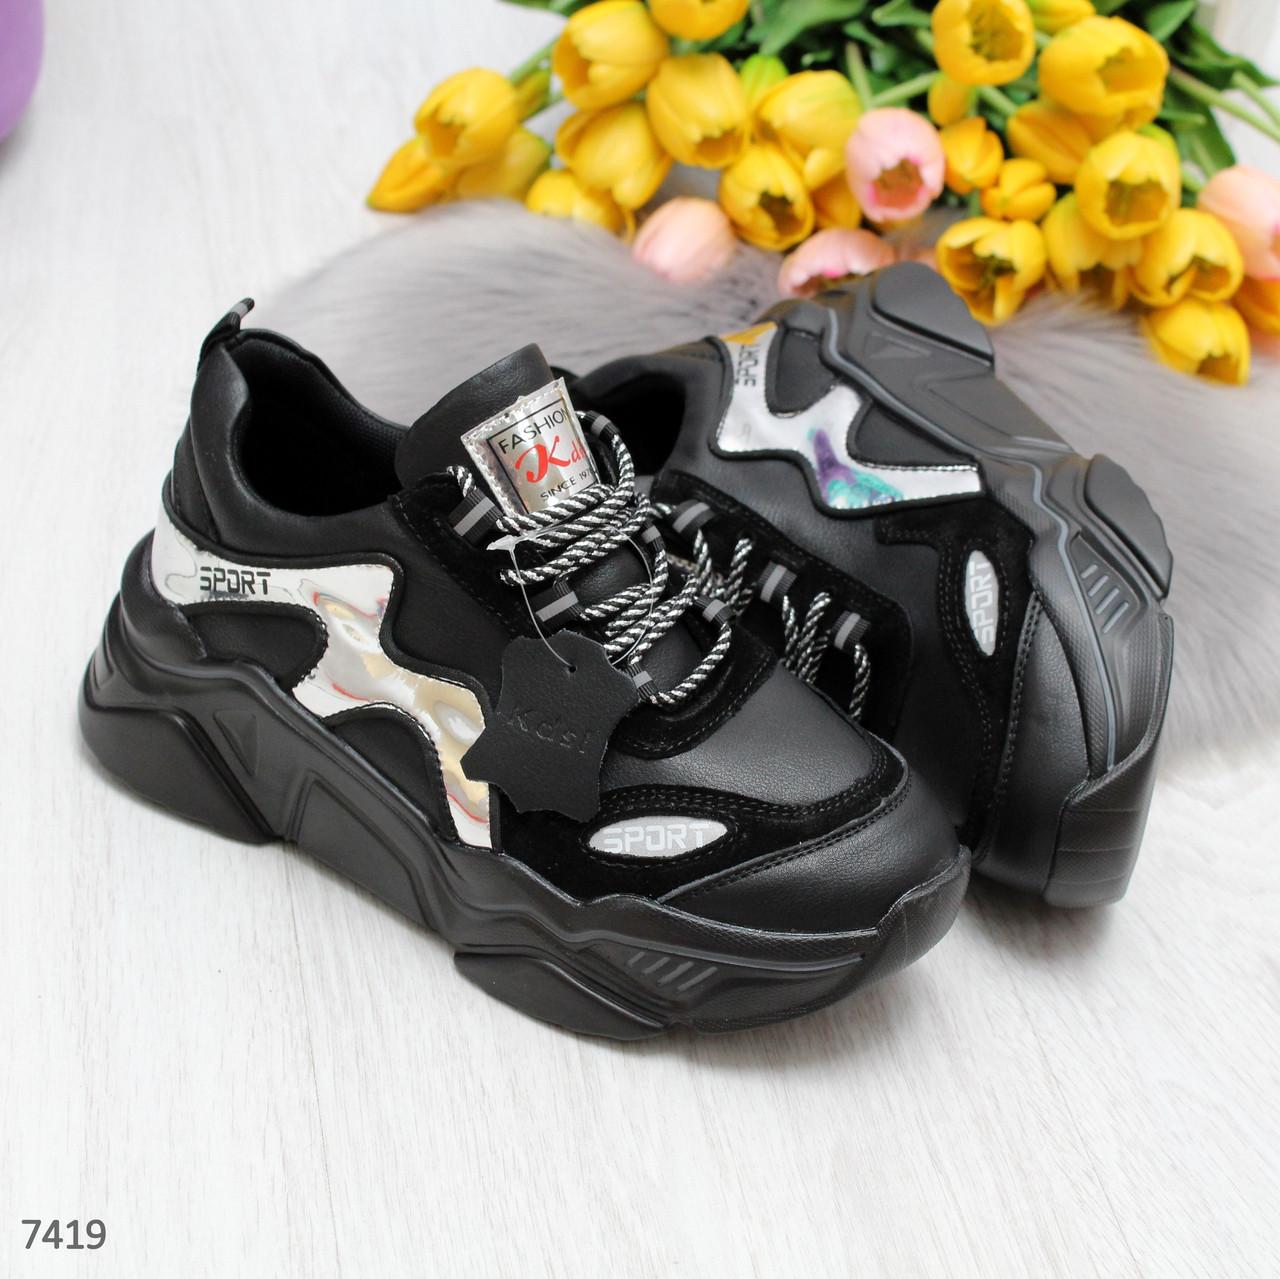 Ультра модные черные женские кроссовки сникерсы с зеркальными серебристыми вставками